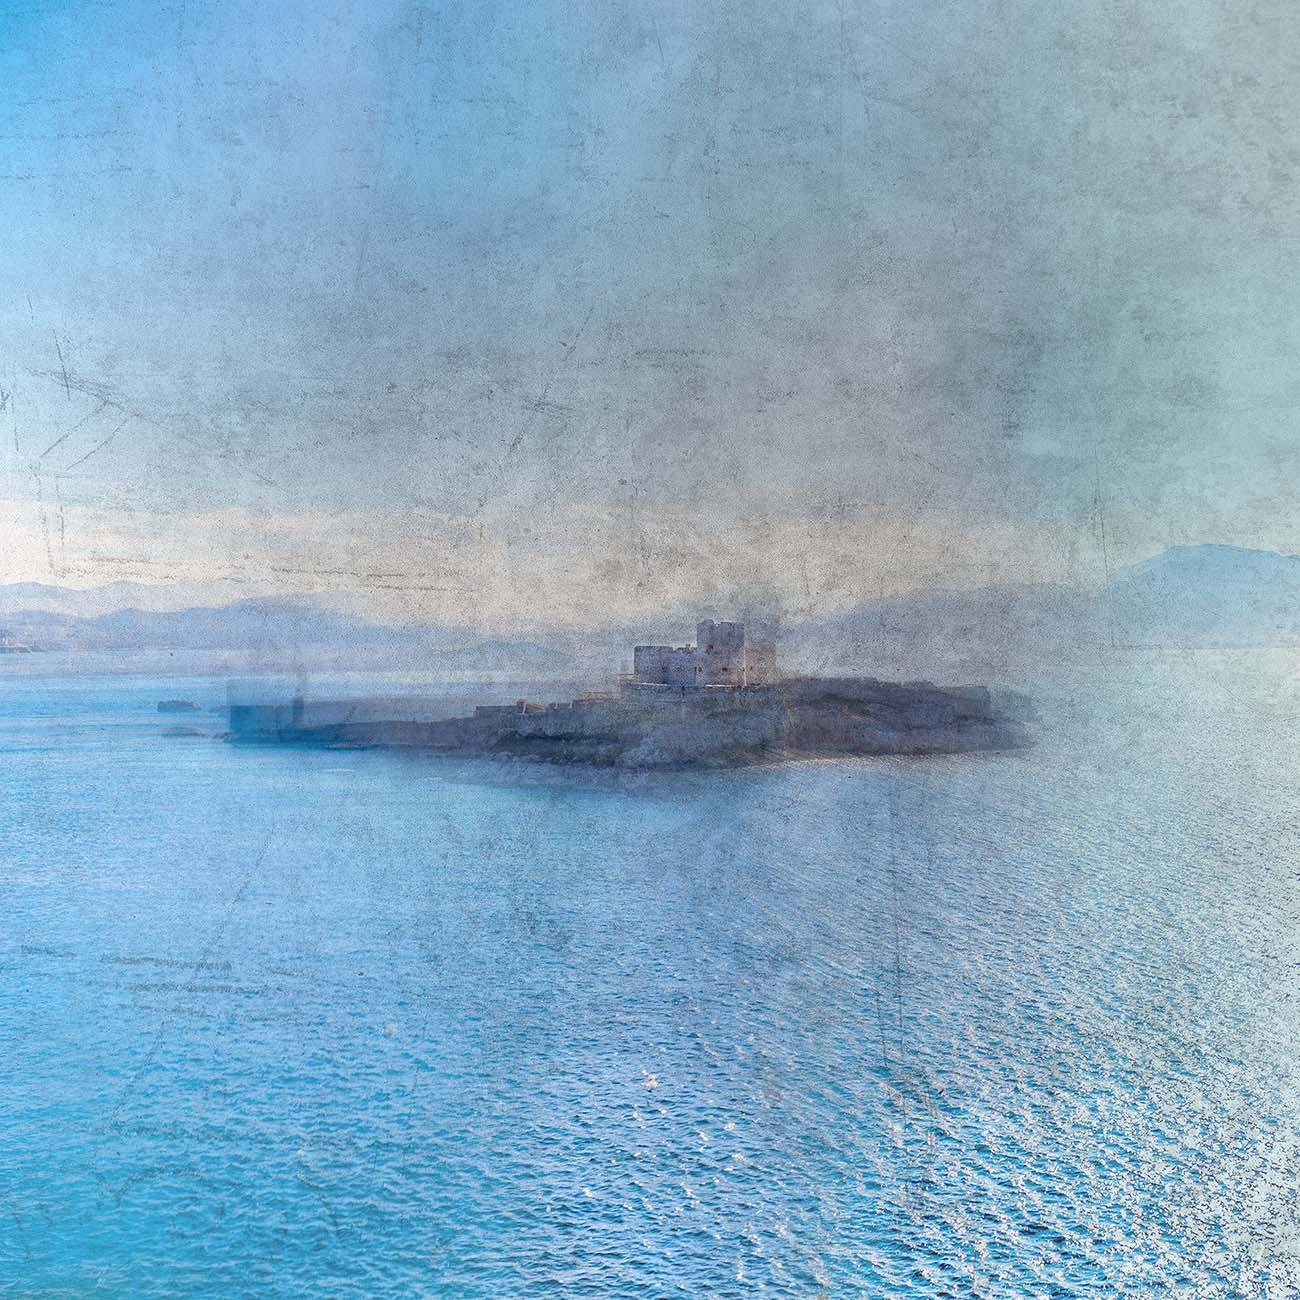 If Chateau d'If Bleu Marseille Paul-Louis LEGER Photographe